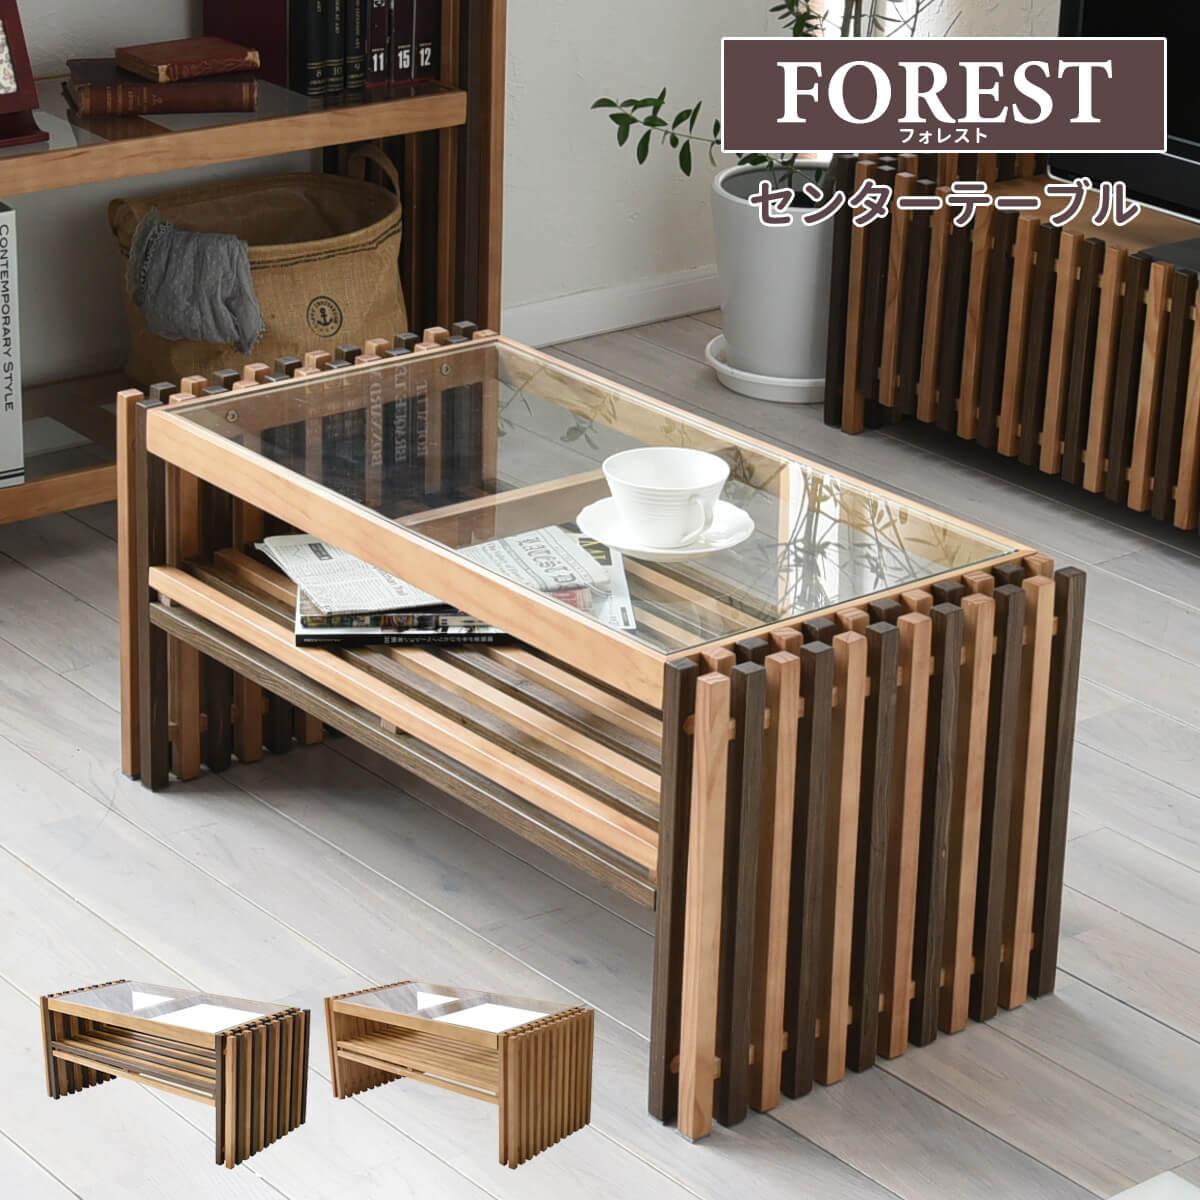 【送料無料】センターテーブル 天然木 テーブル ローテーブル リビングテーブル ガラス 北欧 木製 おしゃれ 格子 モダン スタイリッシュ ハンドメイド ナチュラル FORESTシリーズ FOCT-840